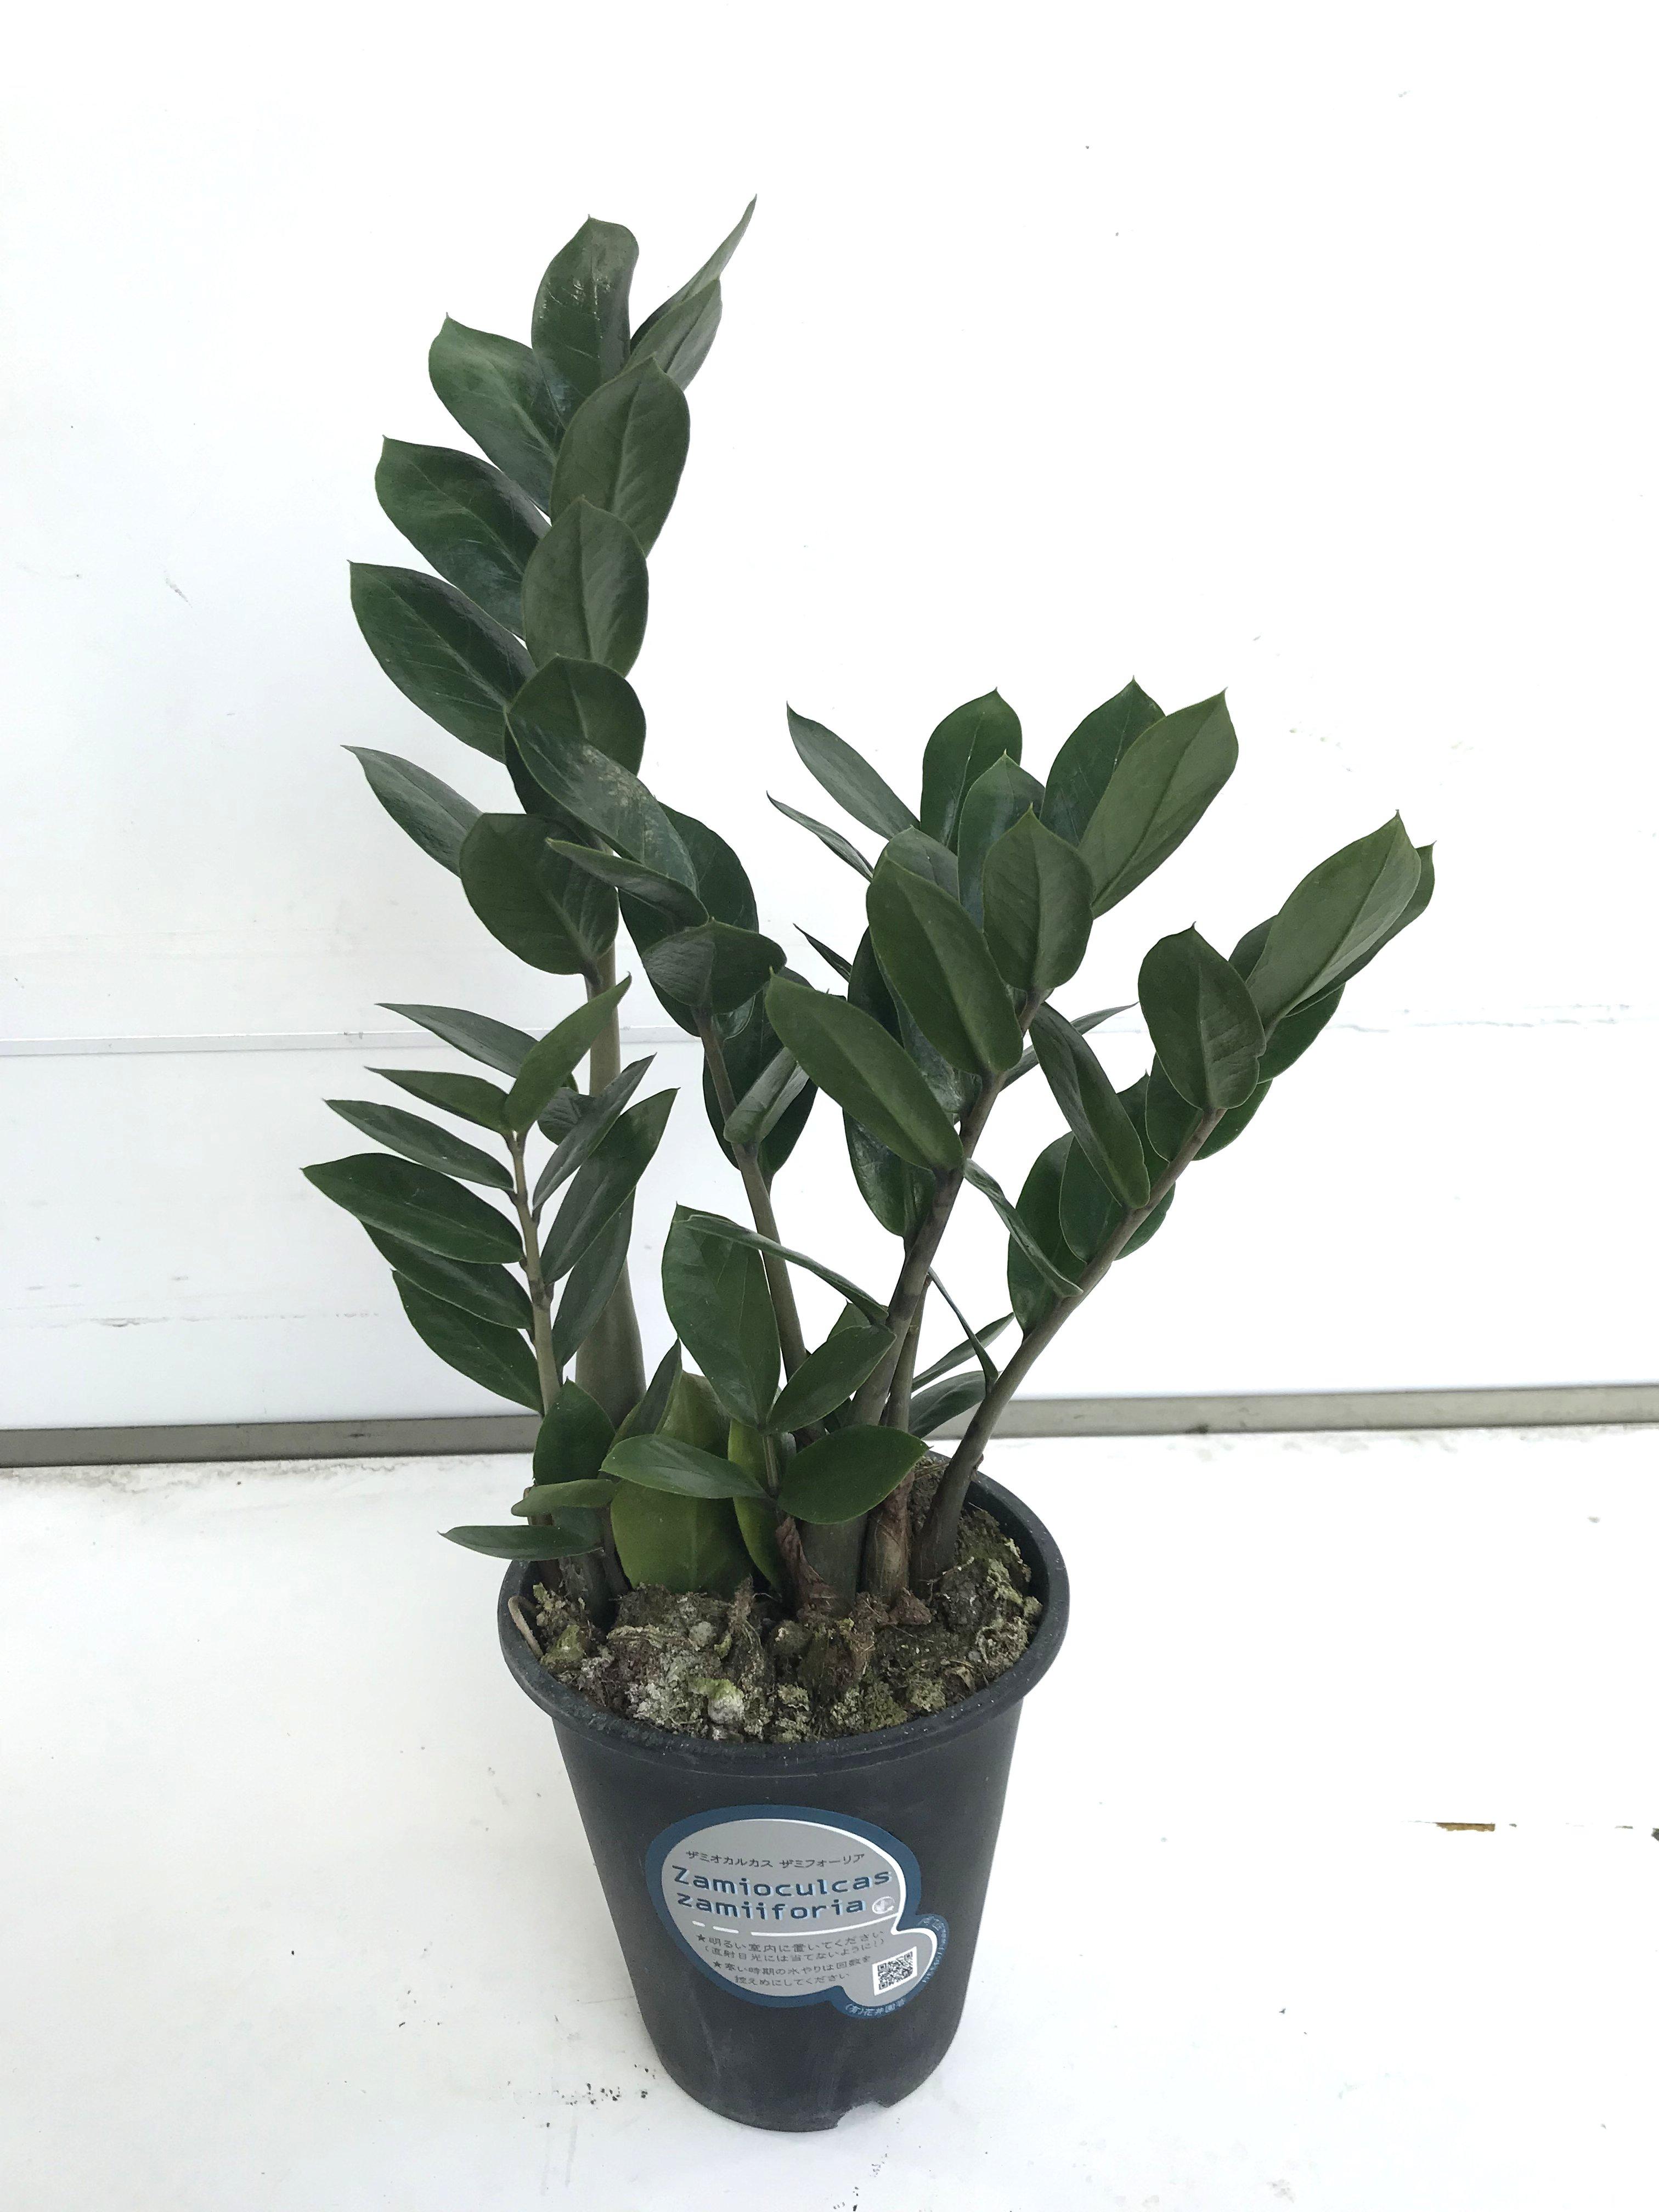 観葉植物 ザミオクルカス ザミフォーリア 4号育成鉢 1鉢 - 5